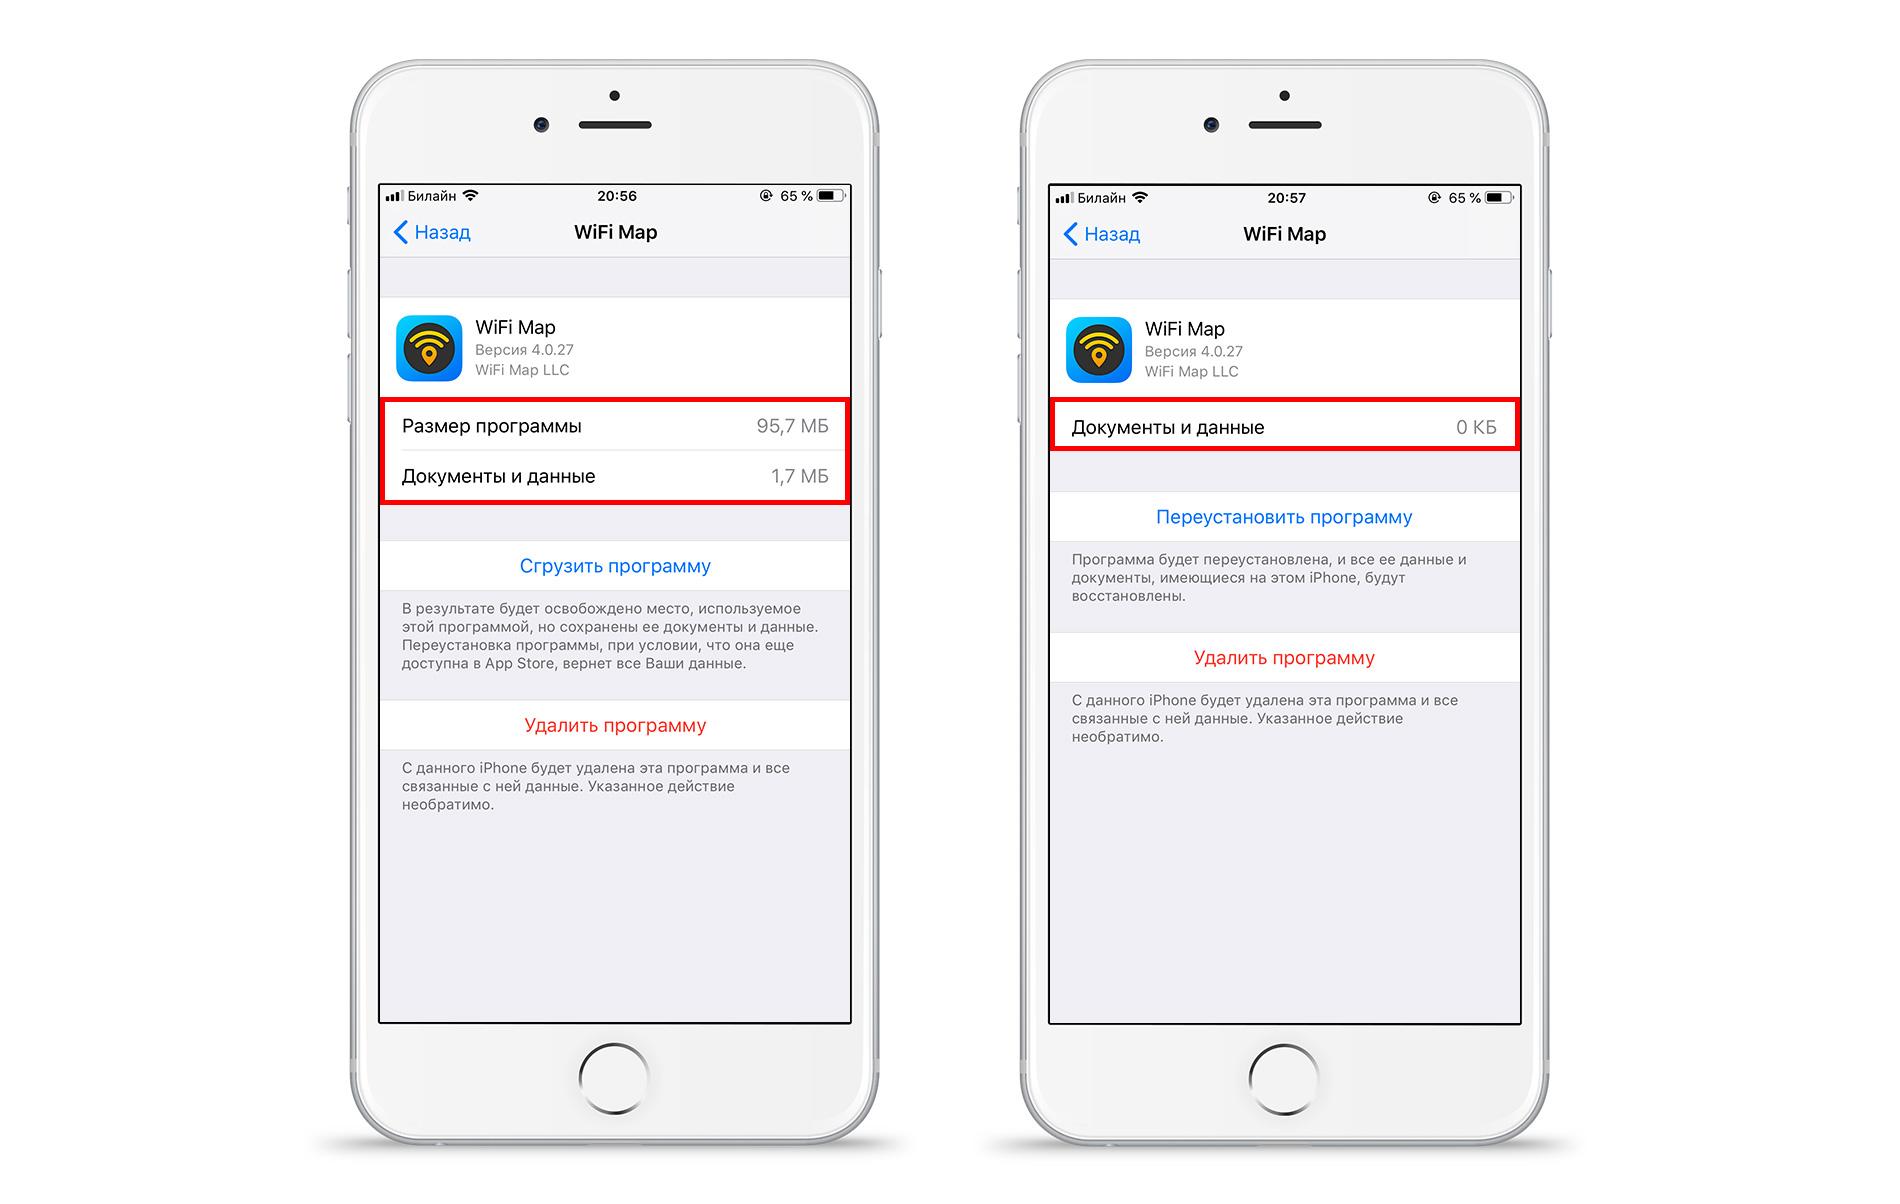 Сгружаем программы для очистки хранилища в iPhone